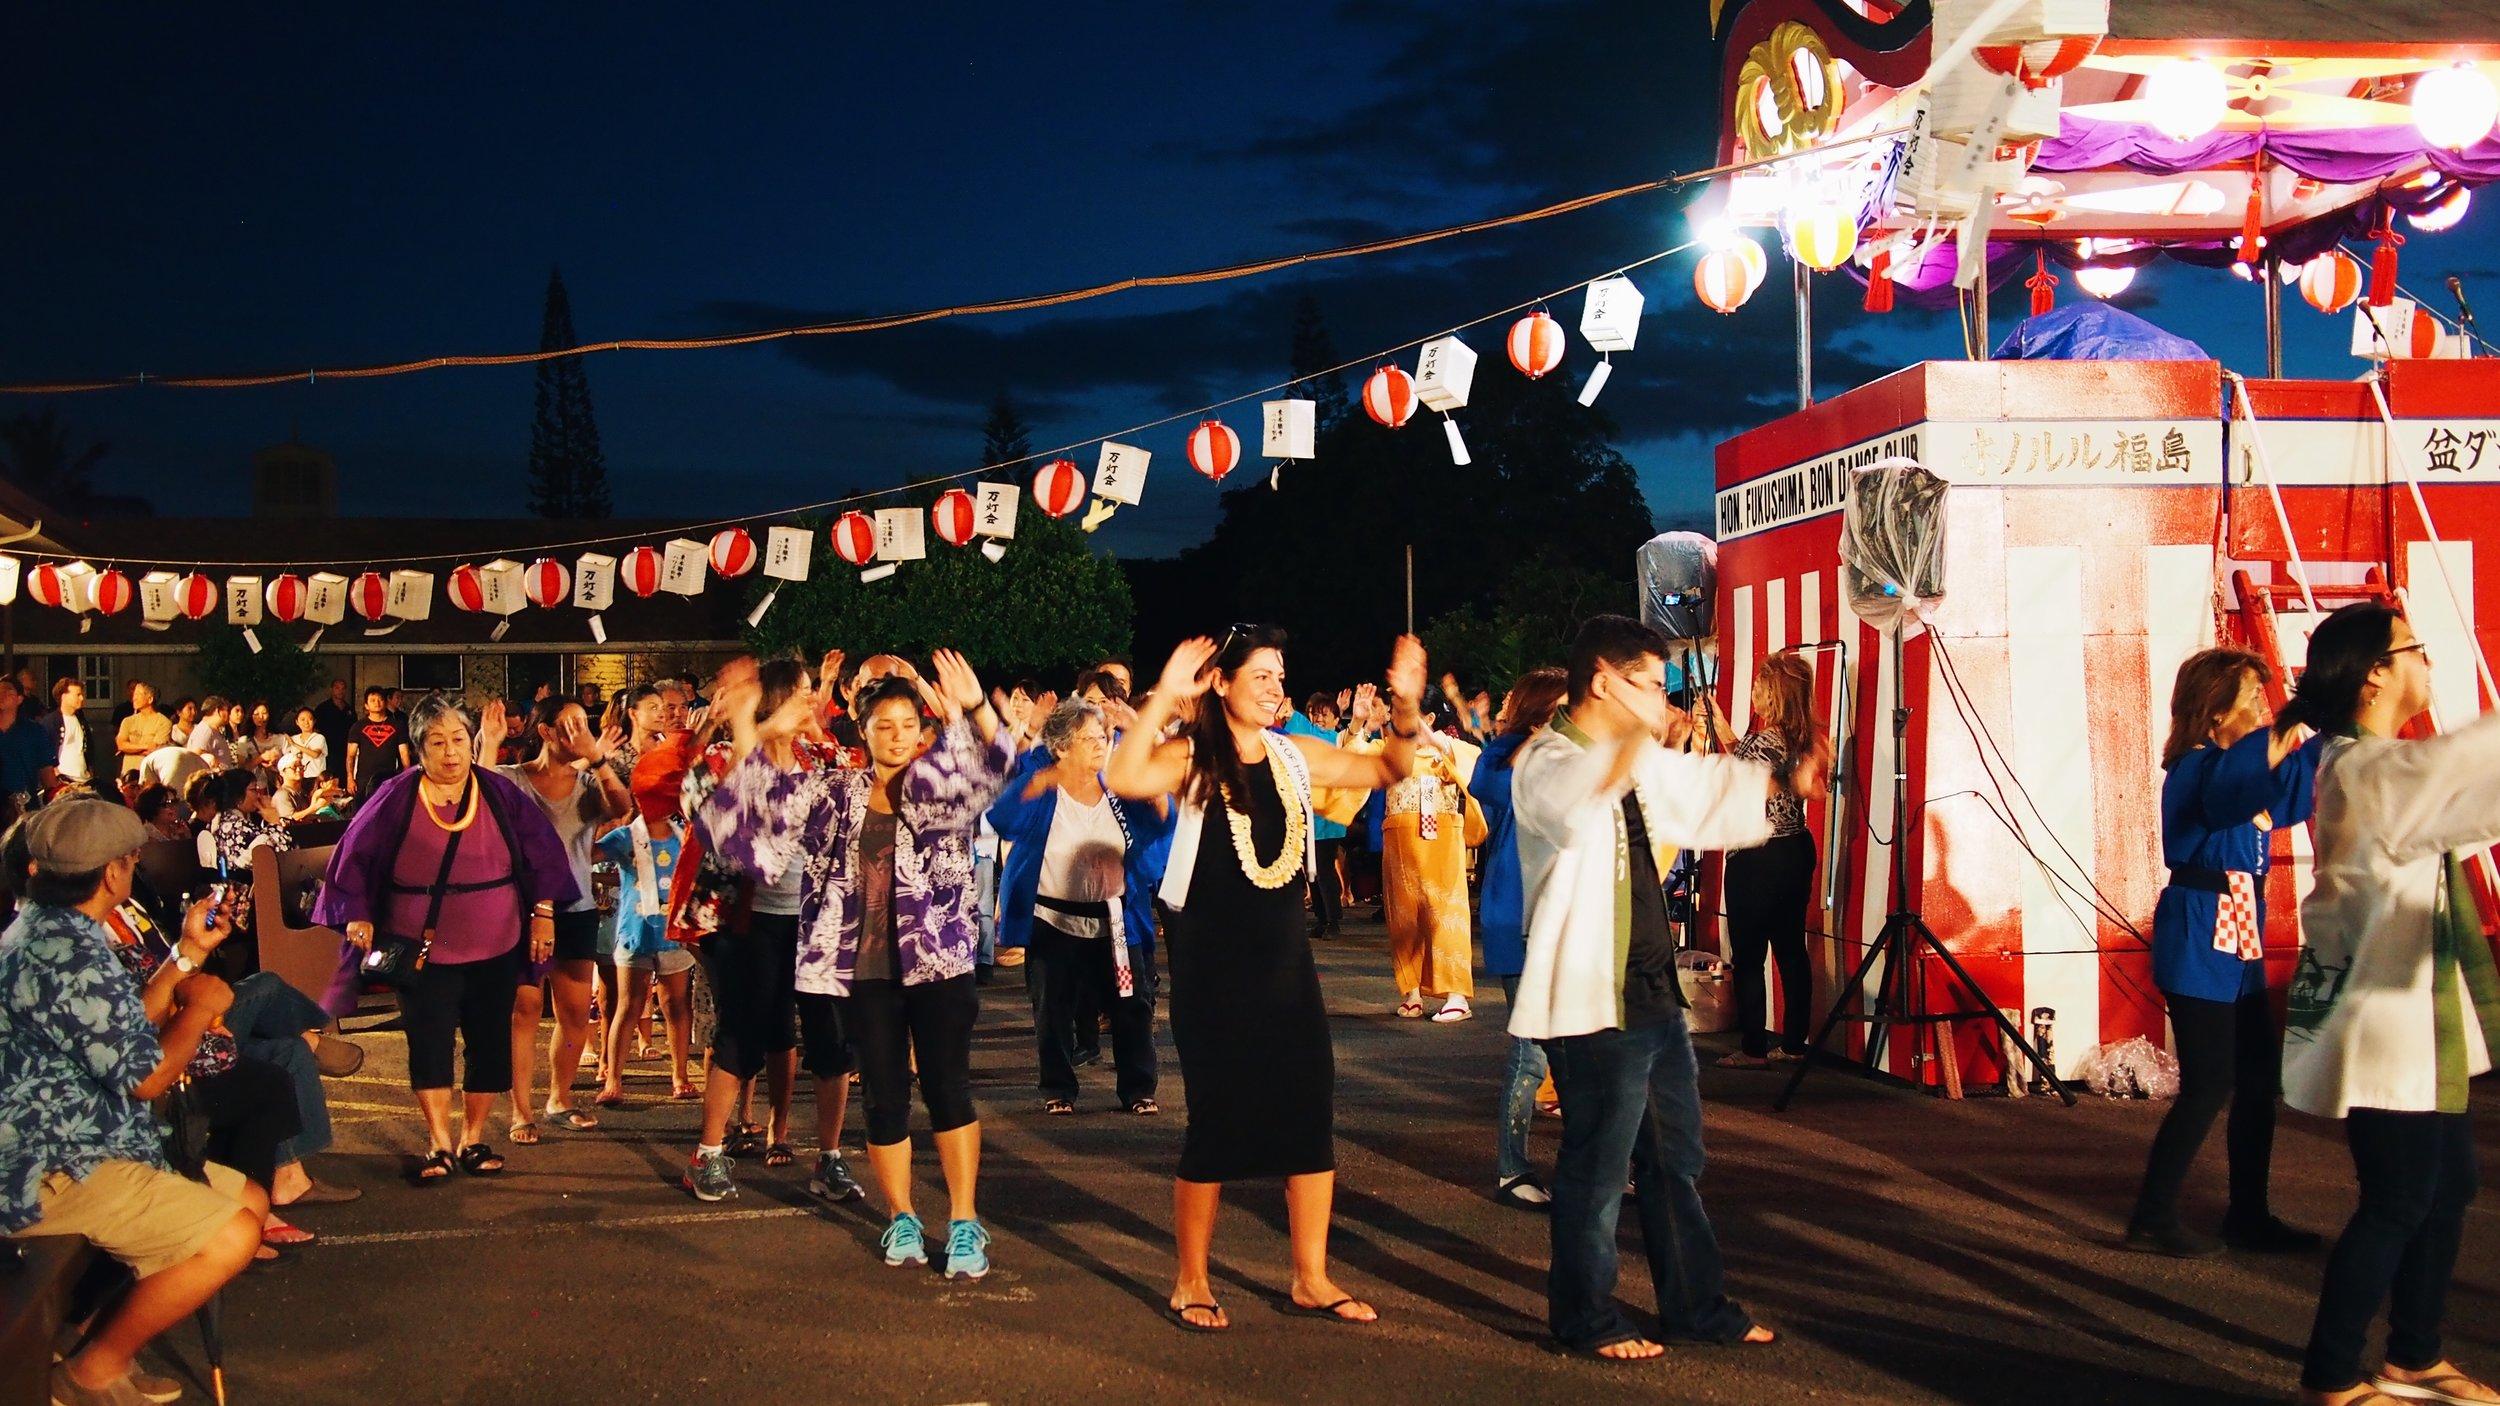 Bon dance in Hawaii